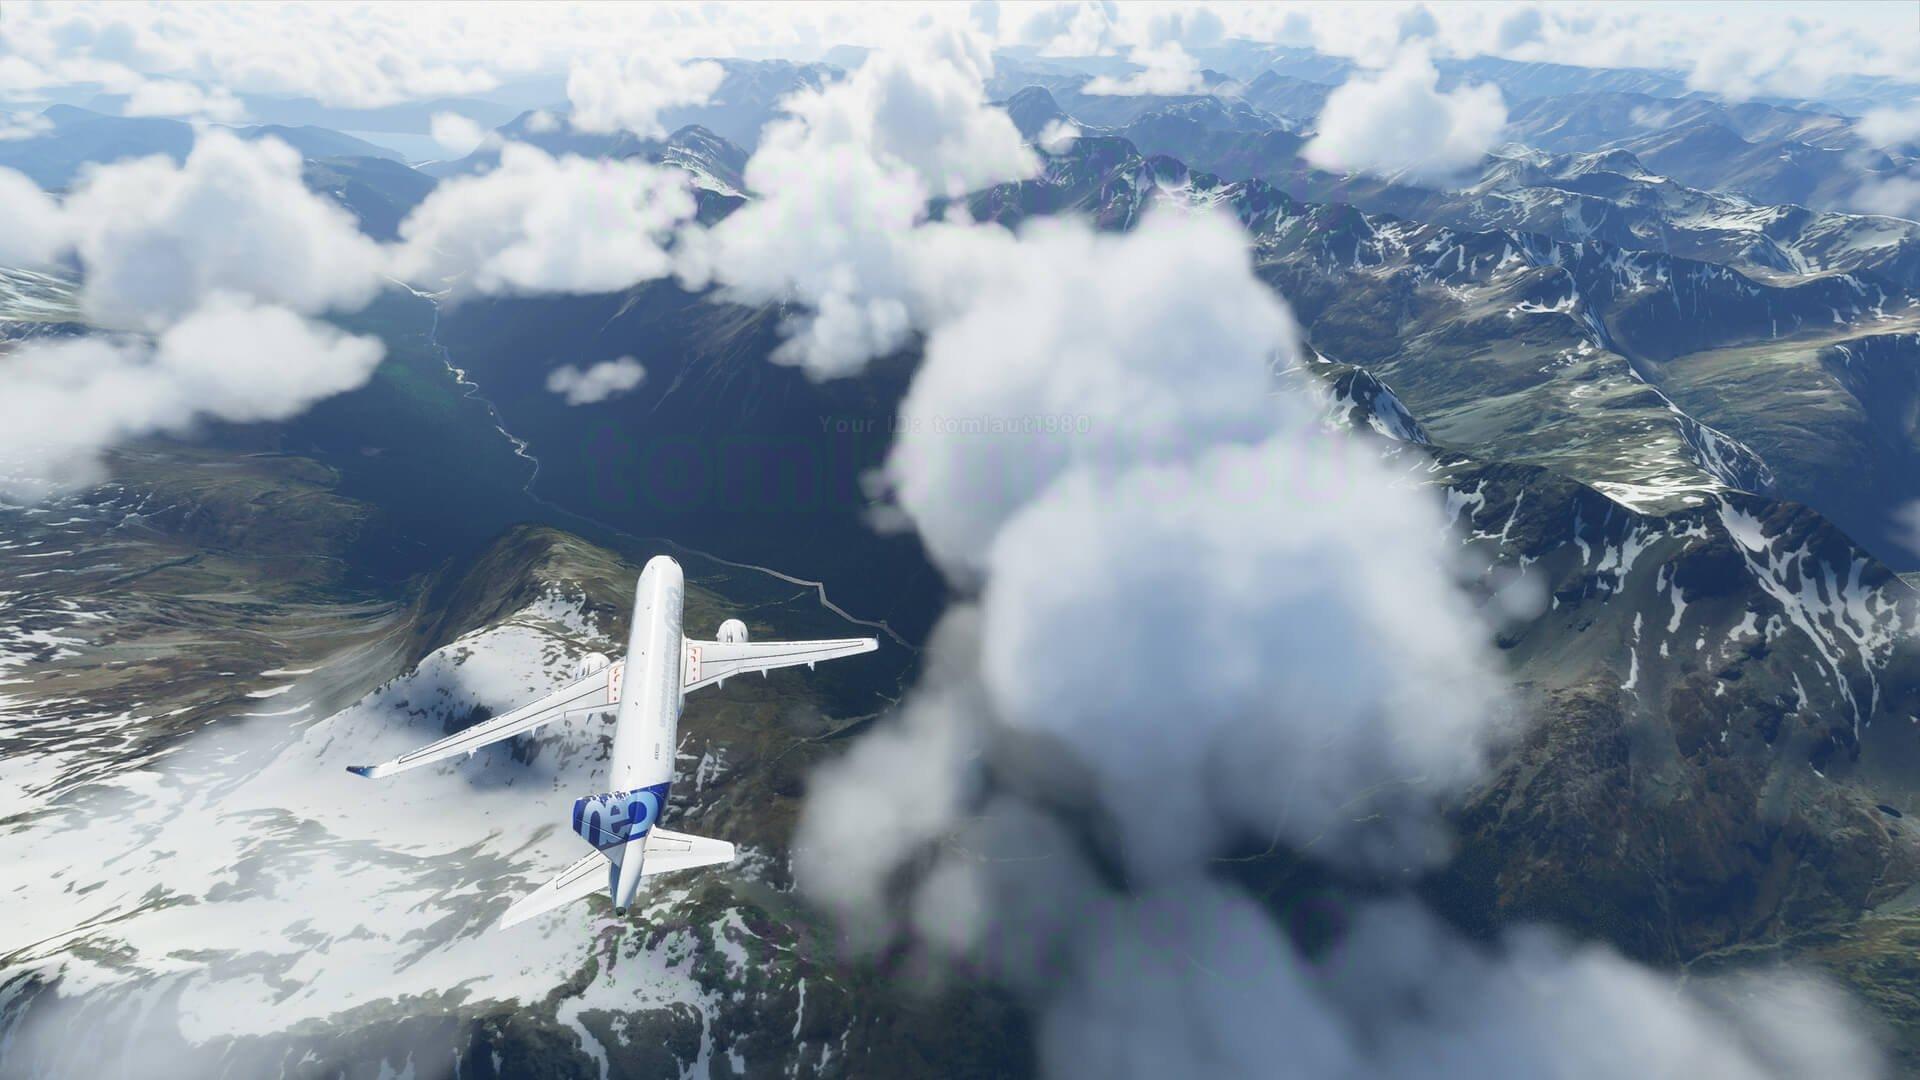 microsoft-flight-simulator-v1-634026.jpg